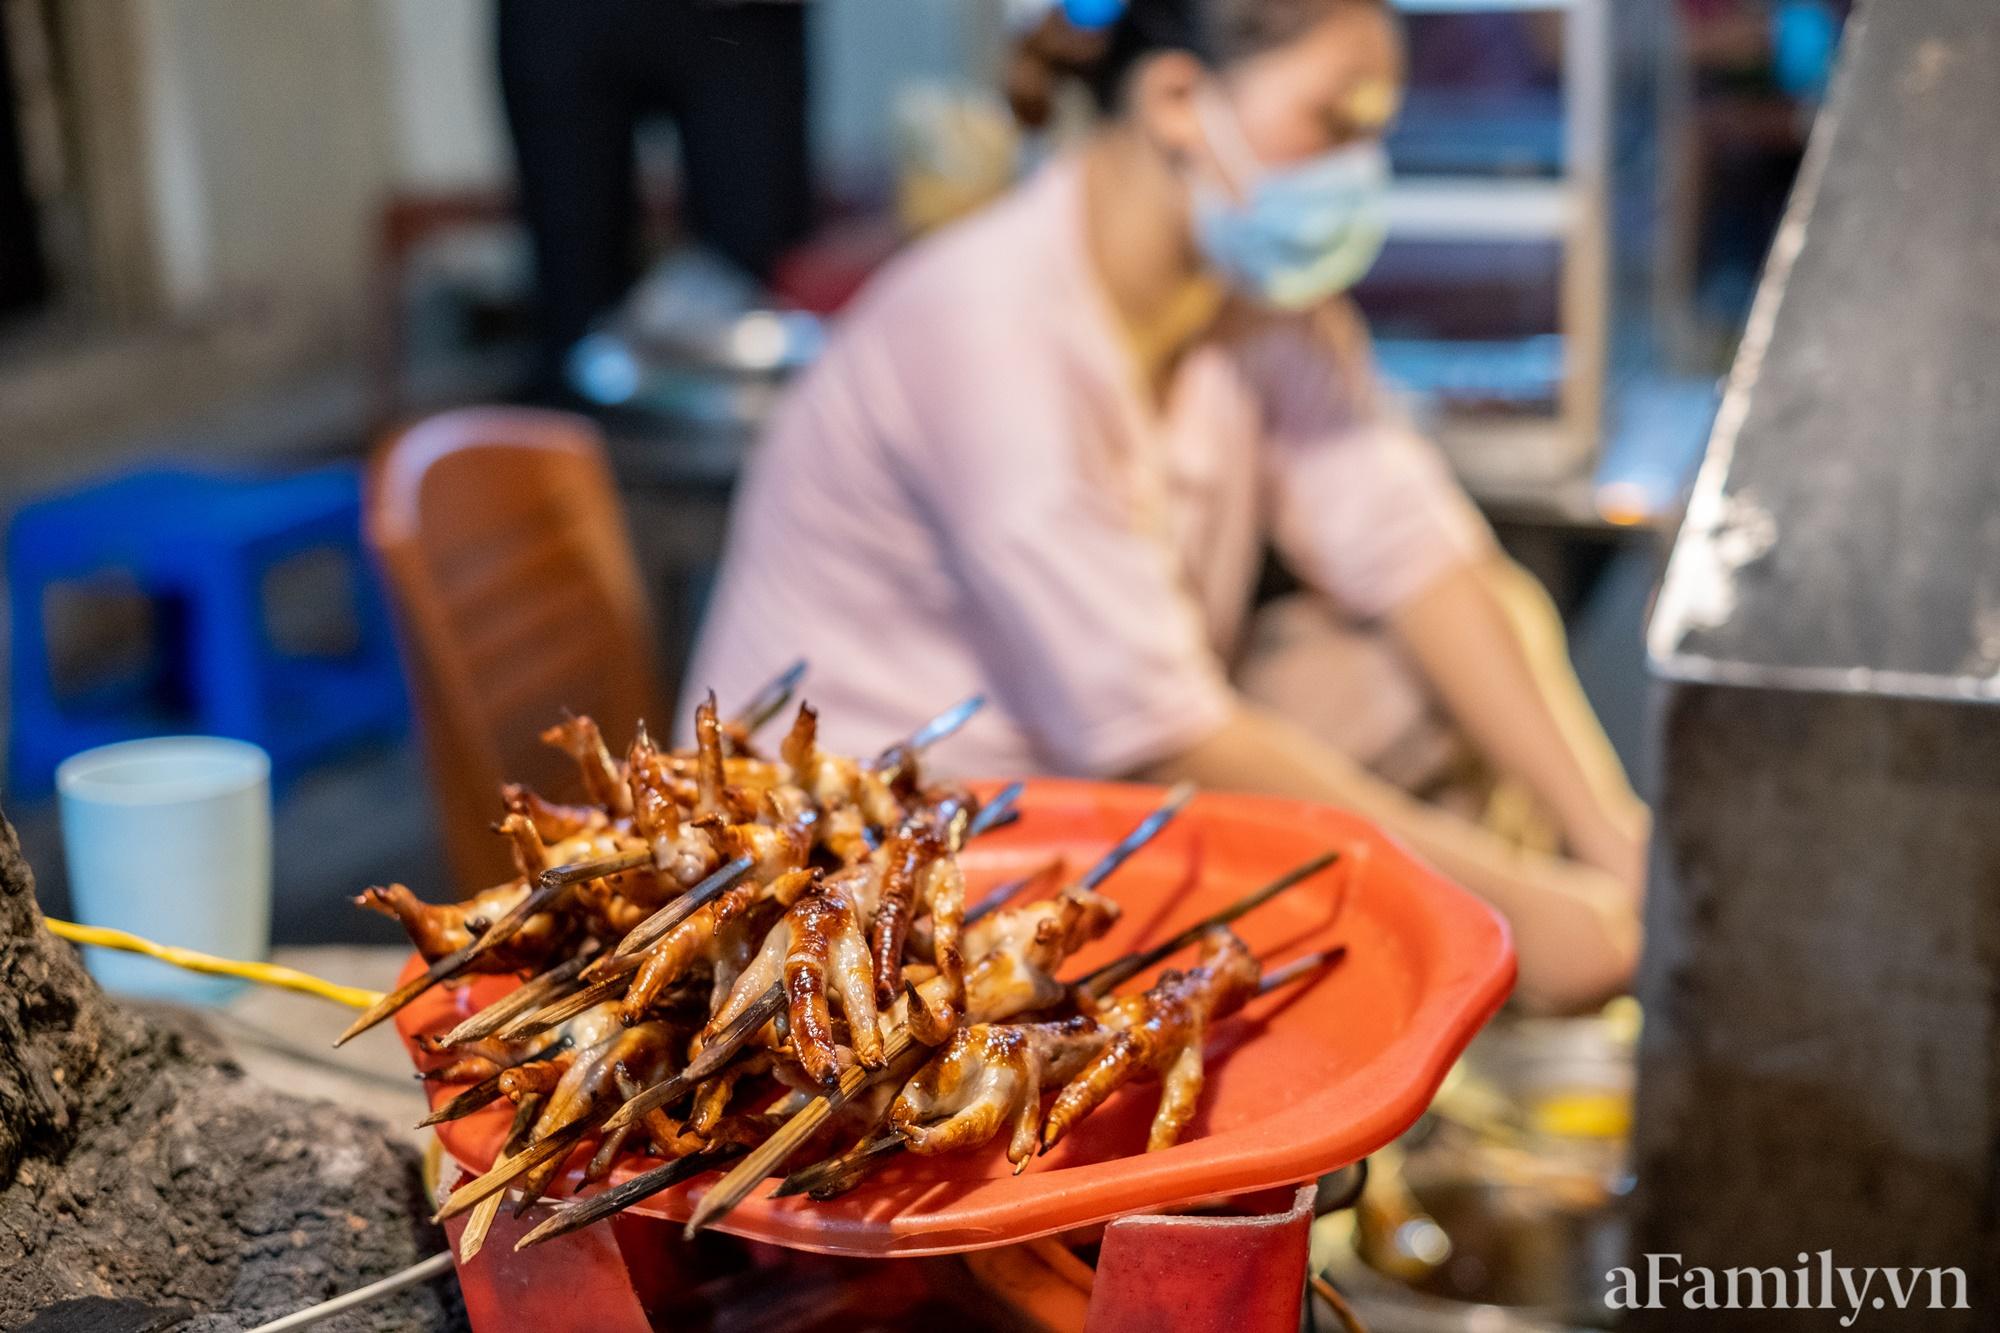 """Liều mình đến ăn thử quán chân gà nướng Ngõ Gạch mang tiếng """"vênh váo nhất Hà Nội, đợi dài cổ 30 phút mới ra đồ"""" và cái kết căng đét - Ảnh 3."""